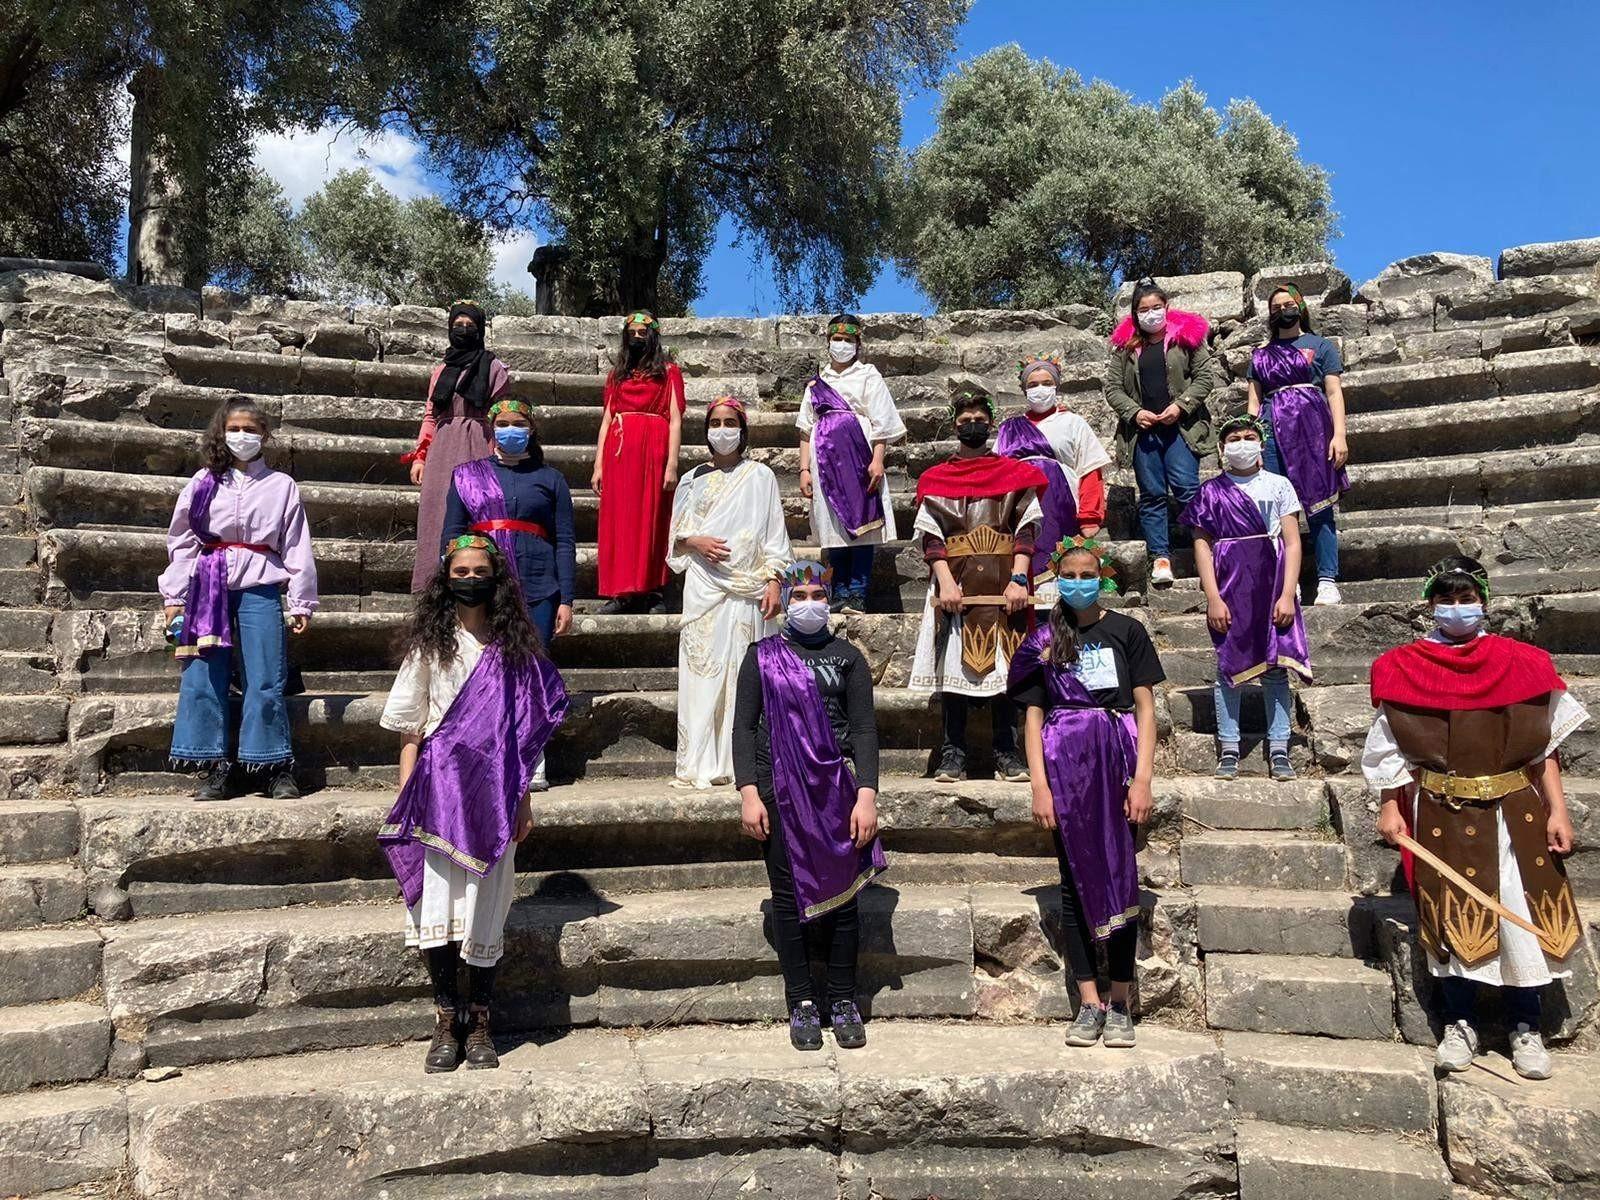 Antik kentte 2 bin yıllık canlandırma! Genç senatörlerden Nysa Antik kentinde temsili meclis toplantısı